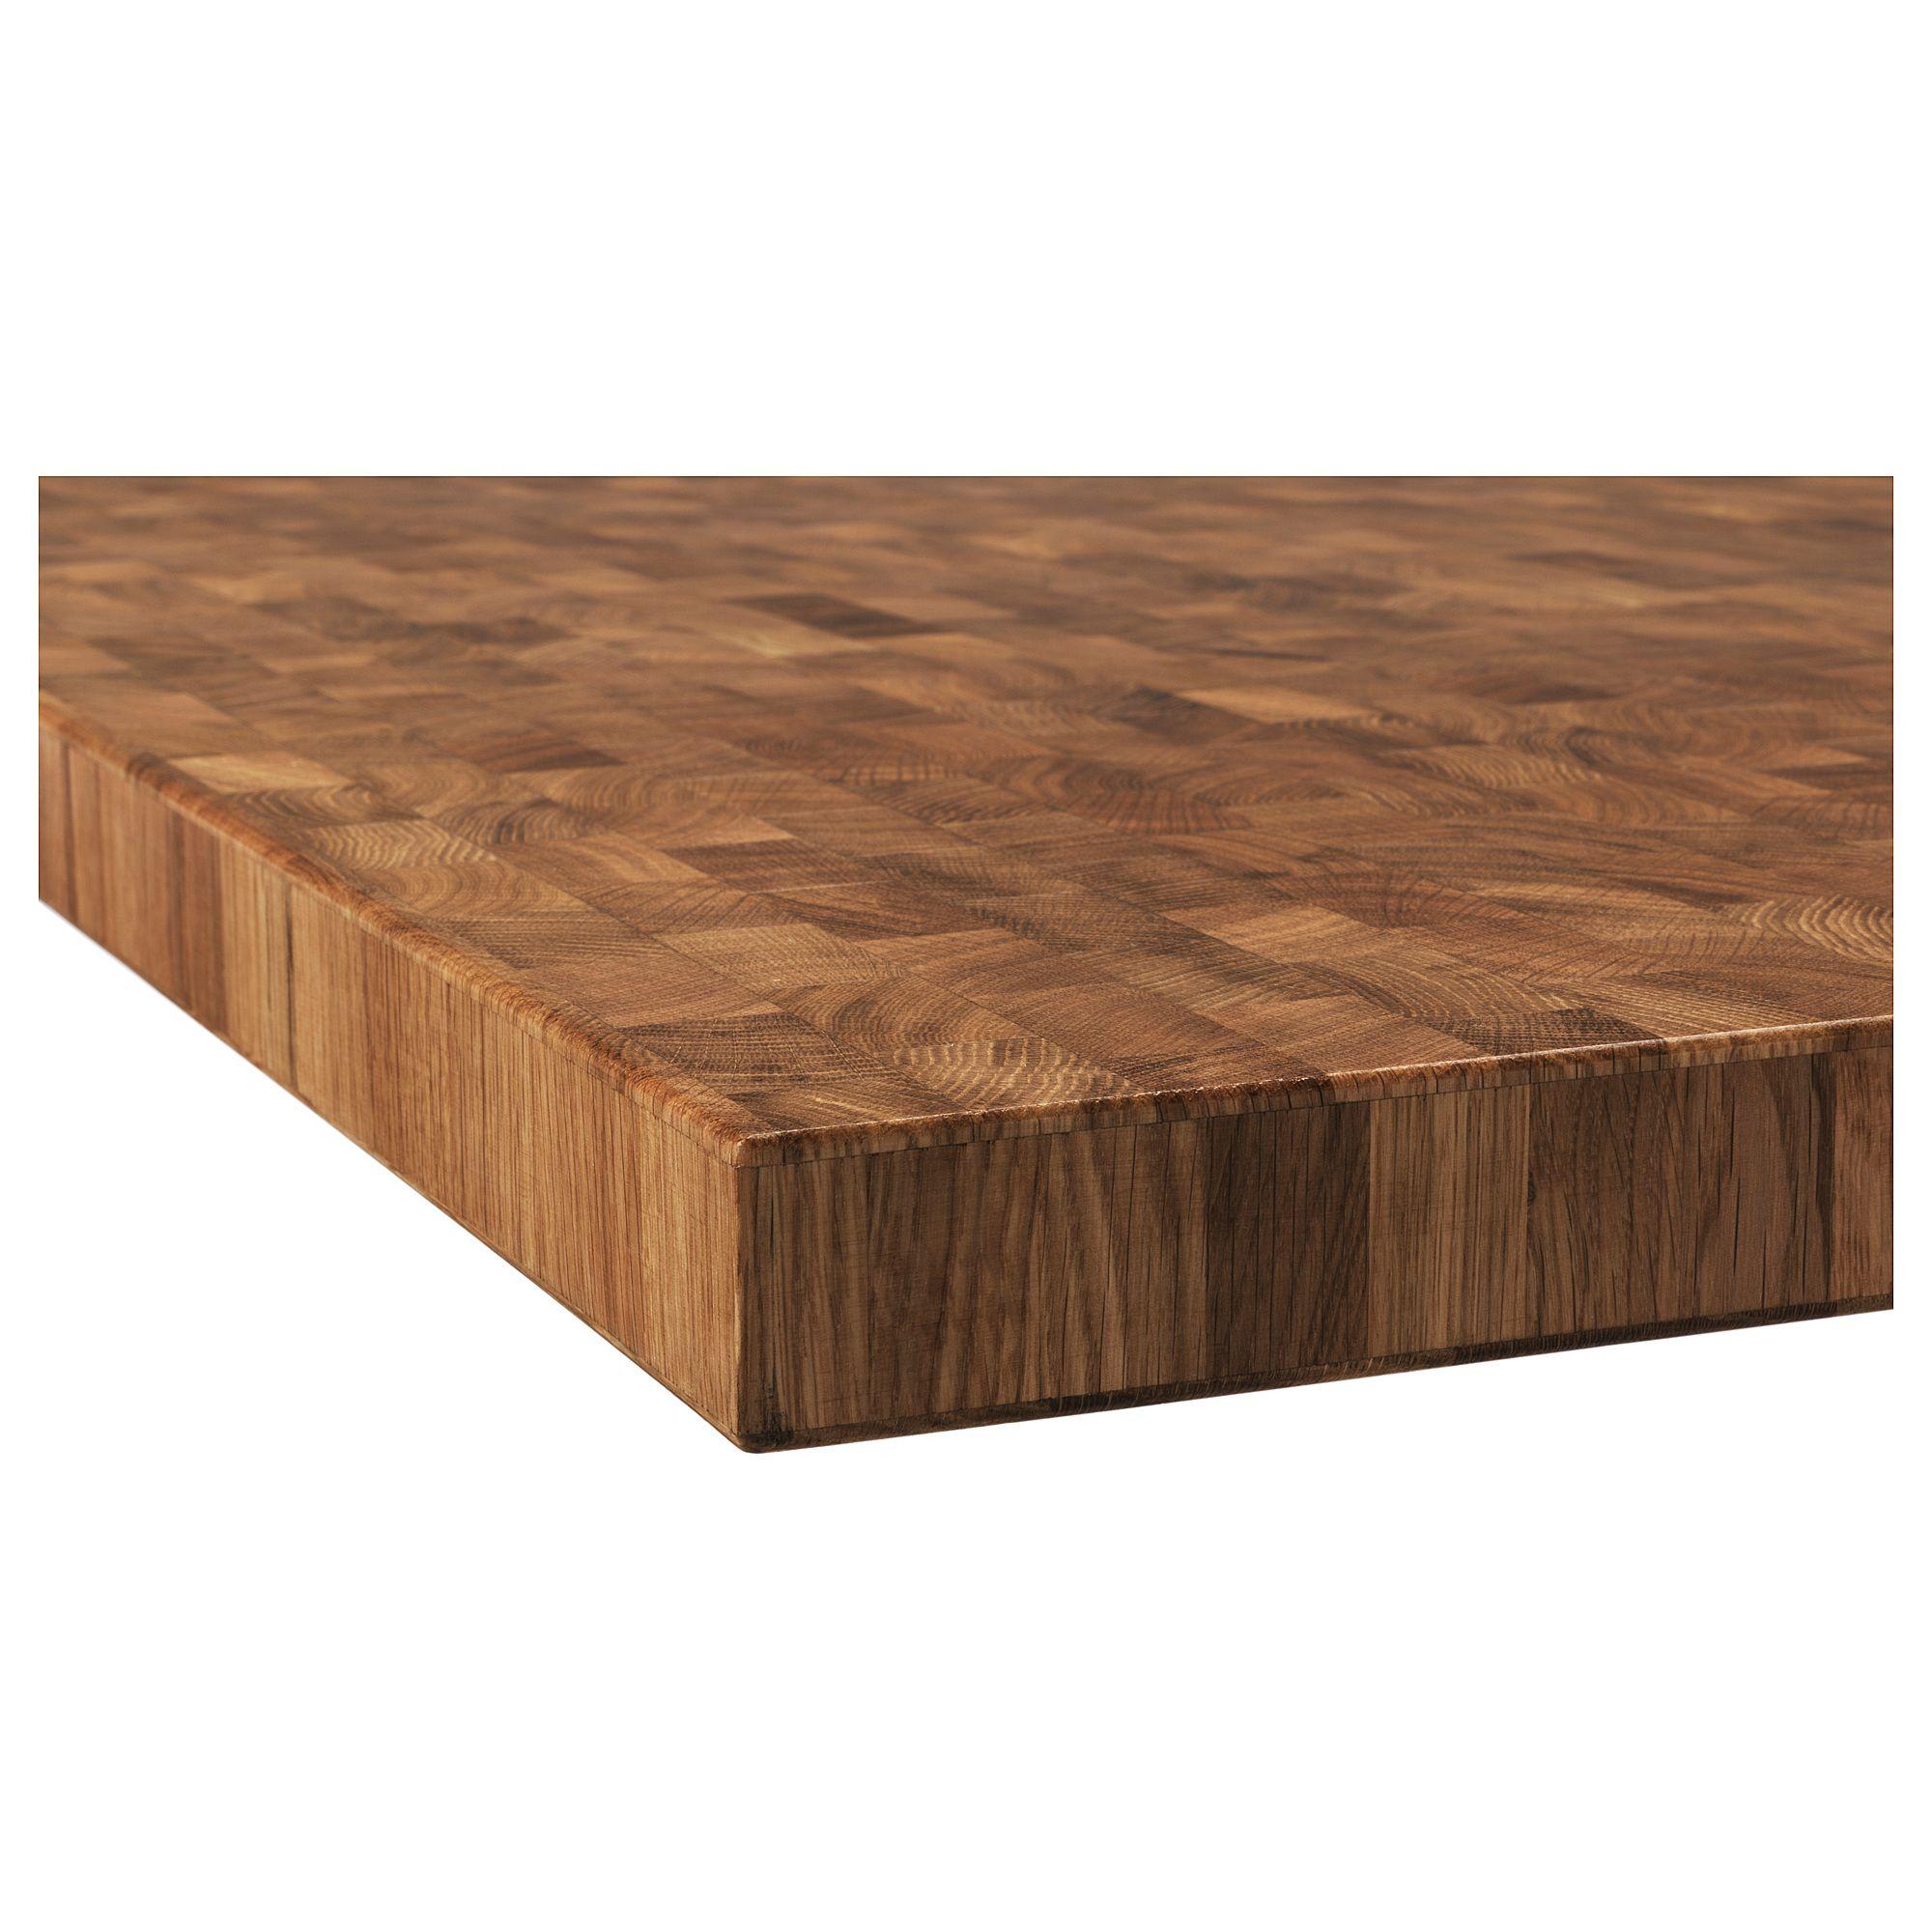 Skogsa Countertop Oak Veneer 98x1 1 2 249x3 8 Cm Mit Bildern Arbeitsplatte Eiche Arbeitsplatte Eiche